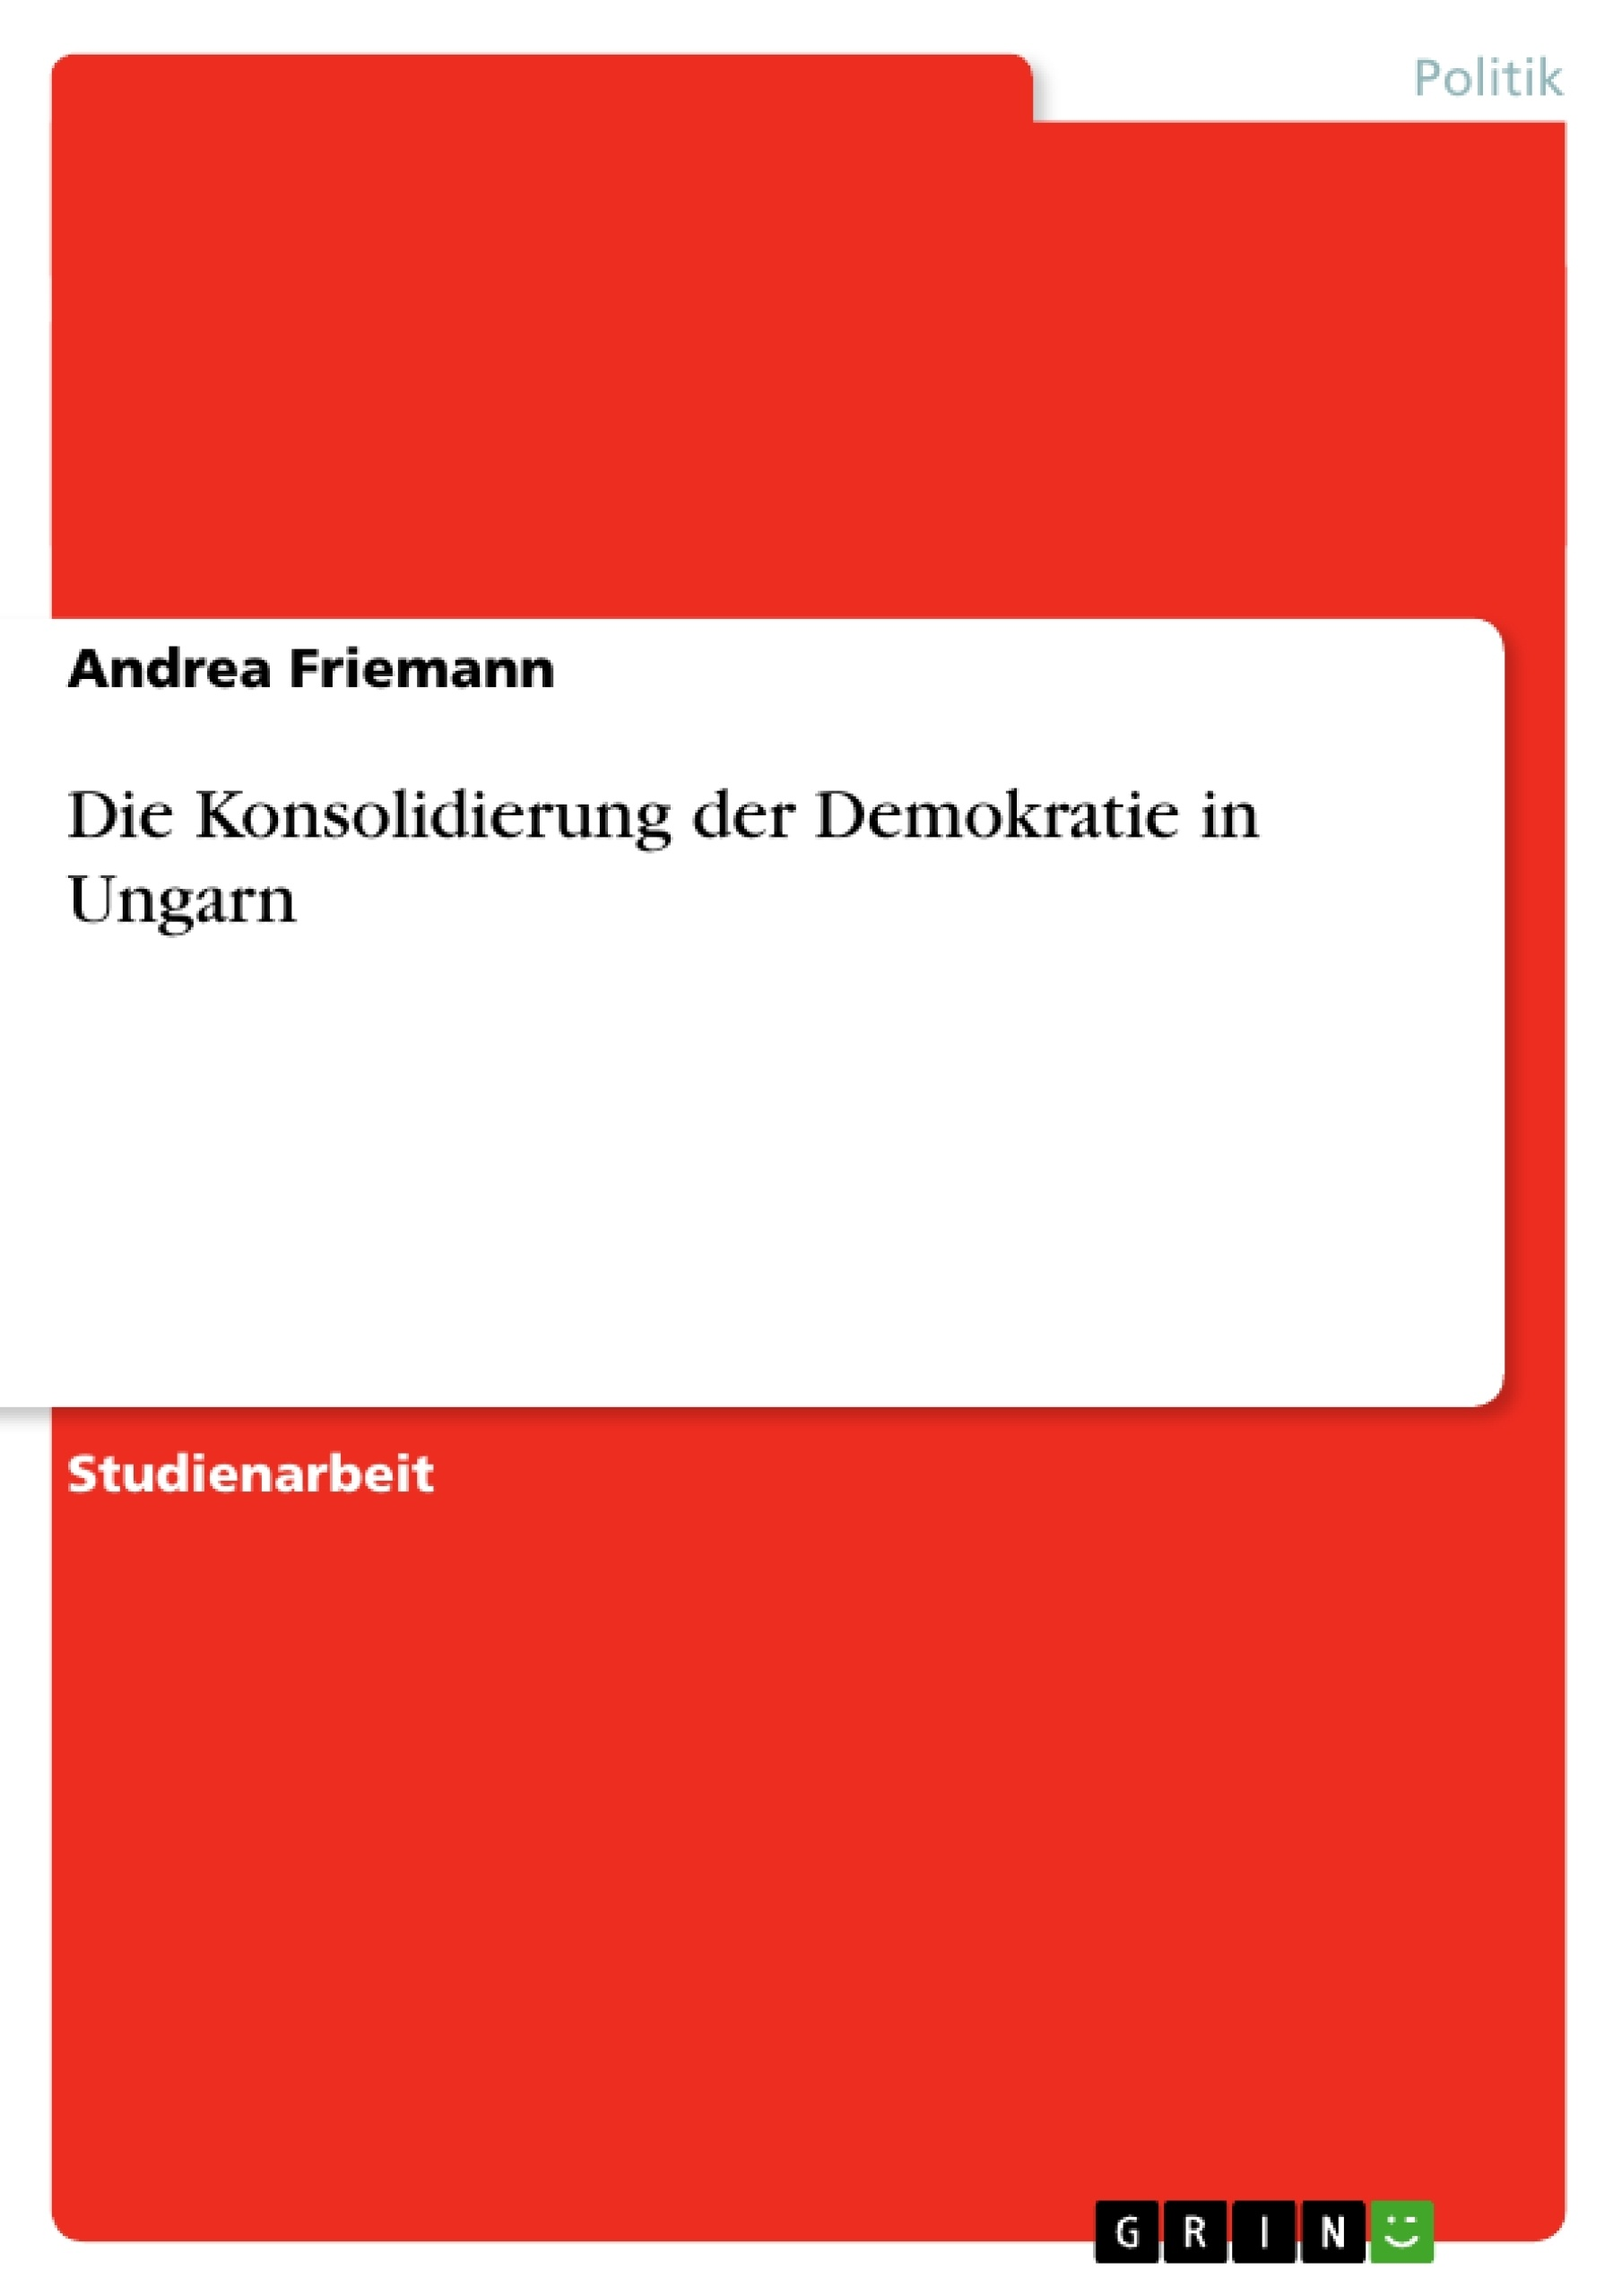 Titel: Die Konsolidierung der Demokratie in Ungarn